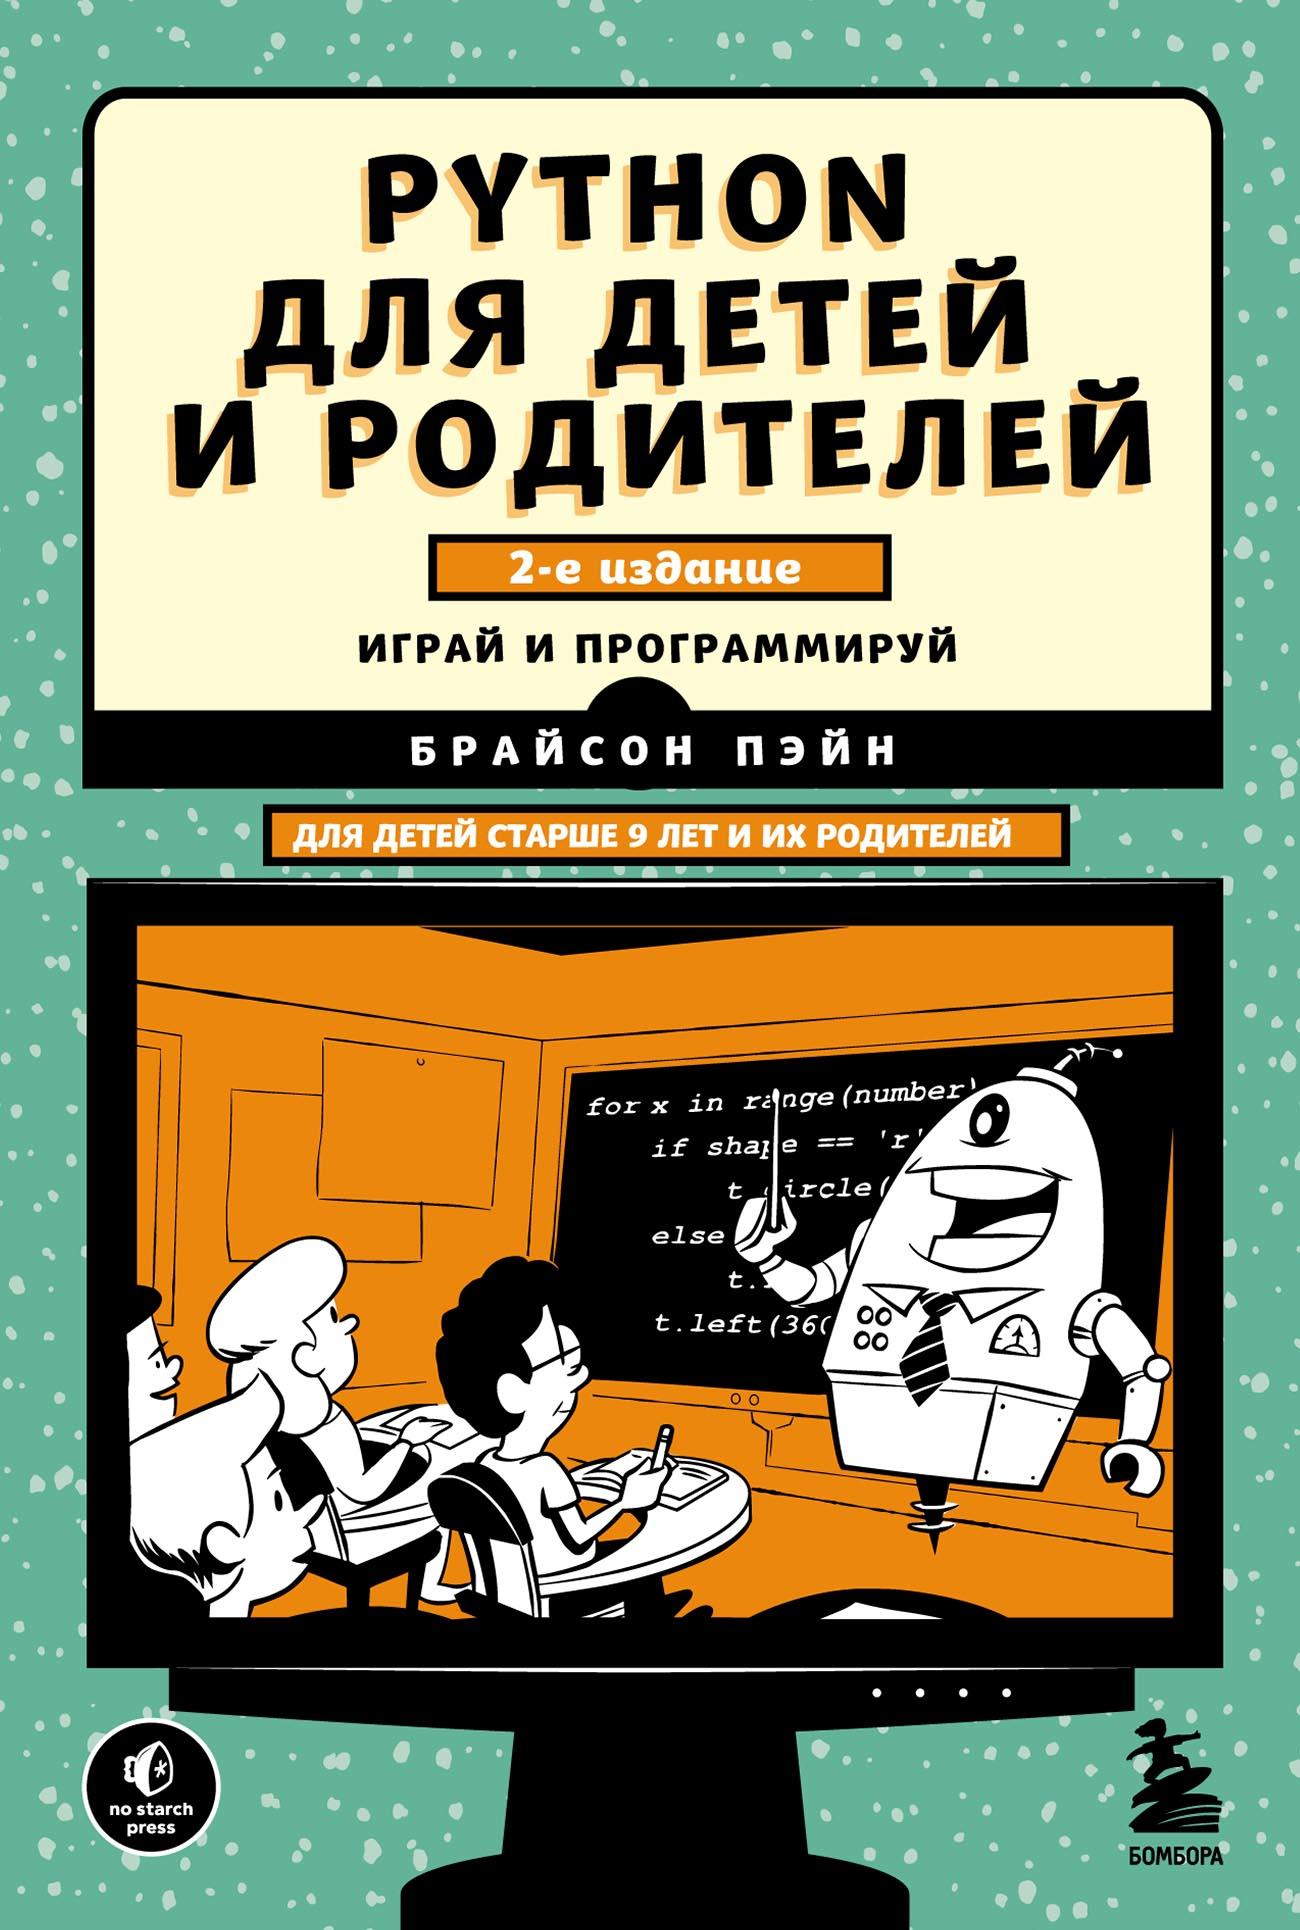 Python для детей и родителей. Играй и программируй